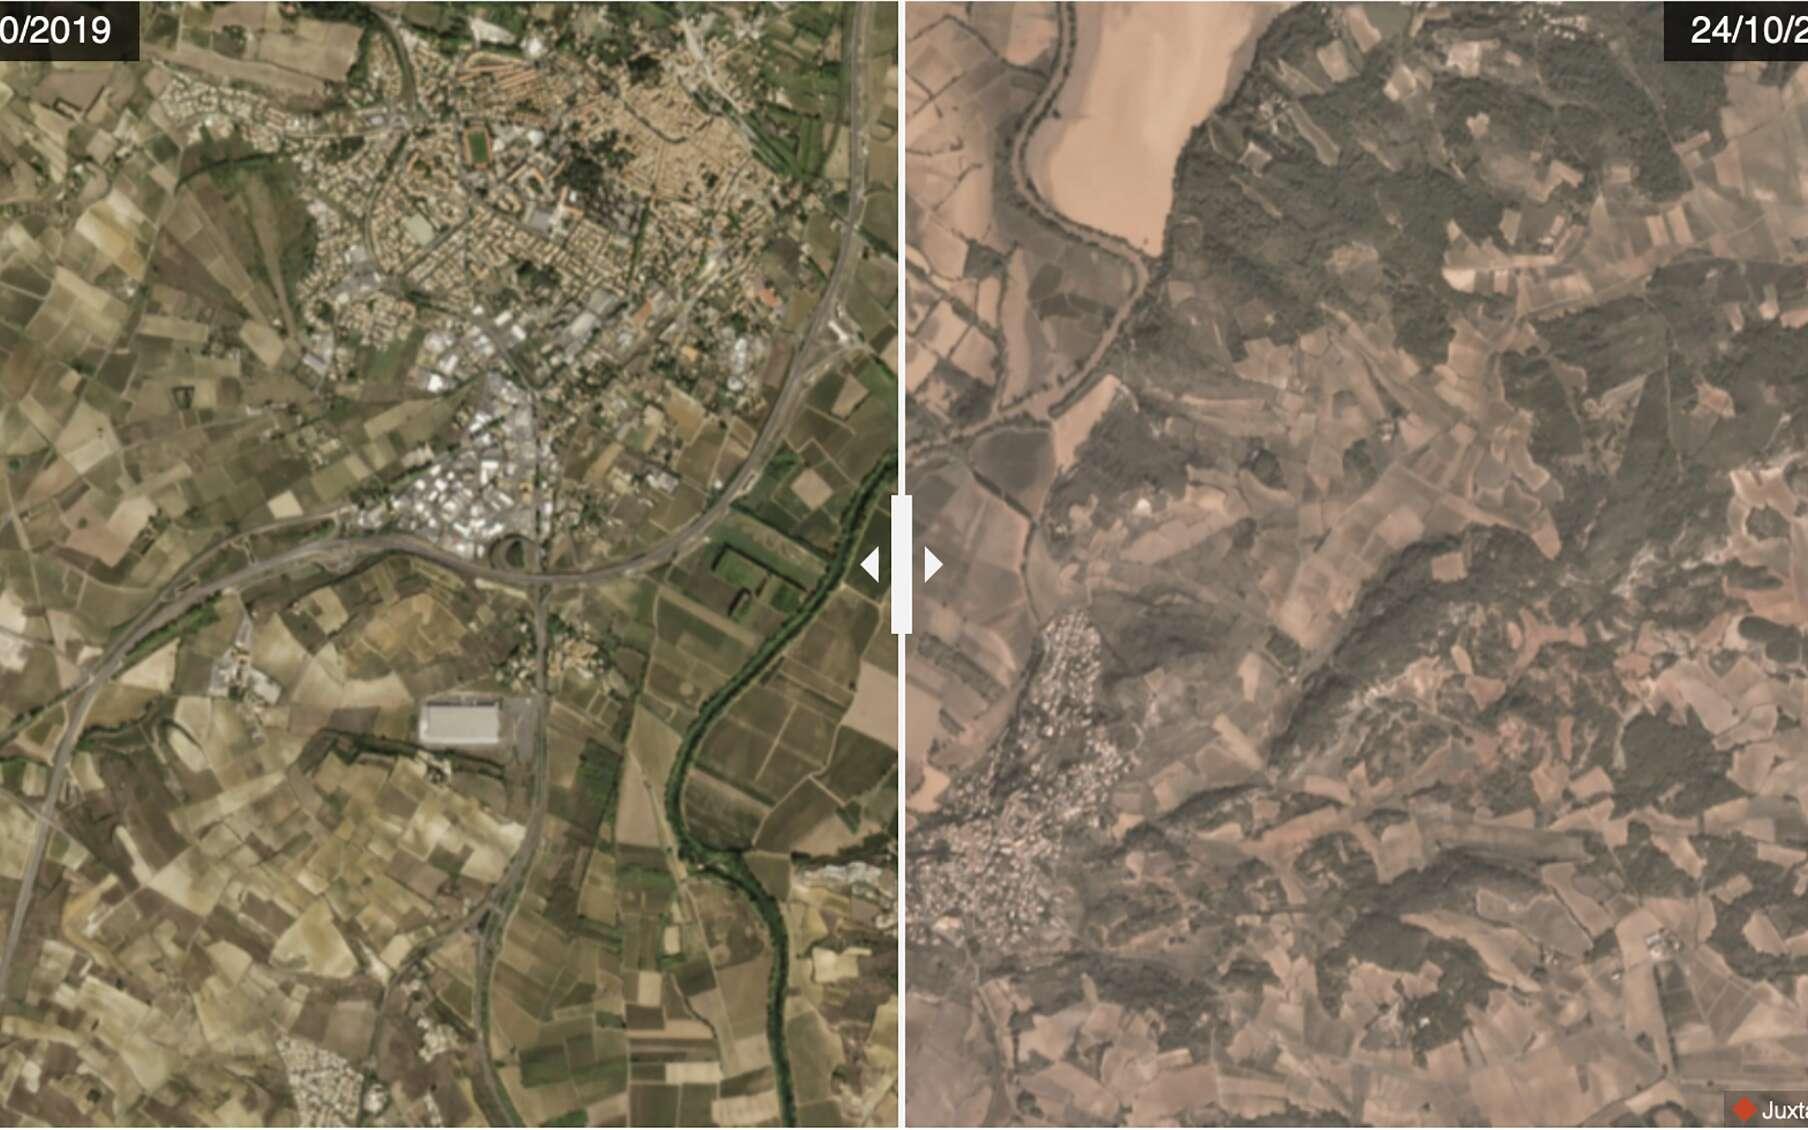 Inondations dans les communes de Pézenas et Castelnau-de-Guers vues depuis les satellites Dove de Planet. © 2019 Planet Labs, Inc.